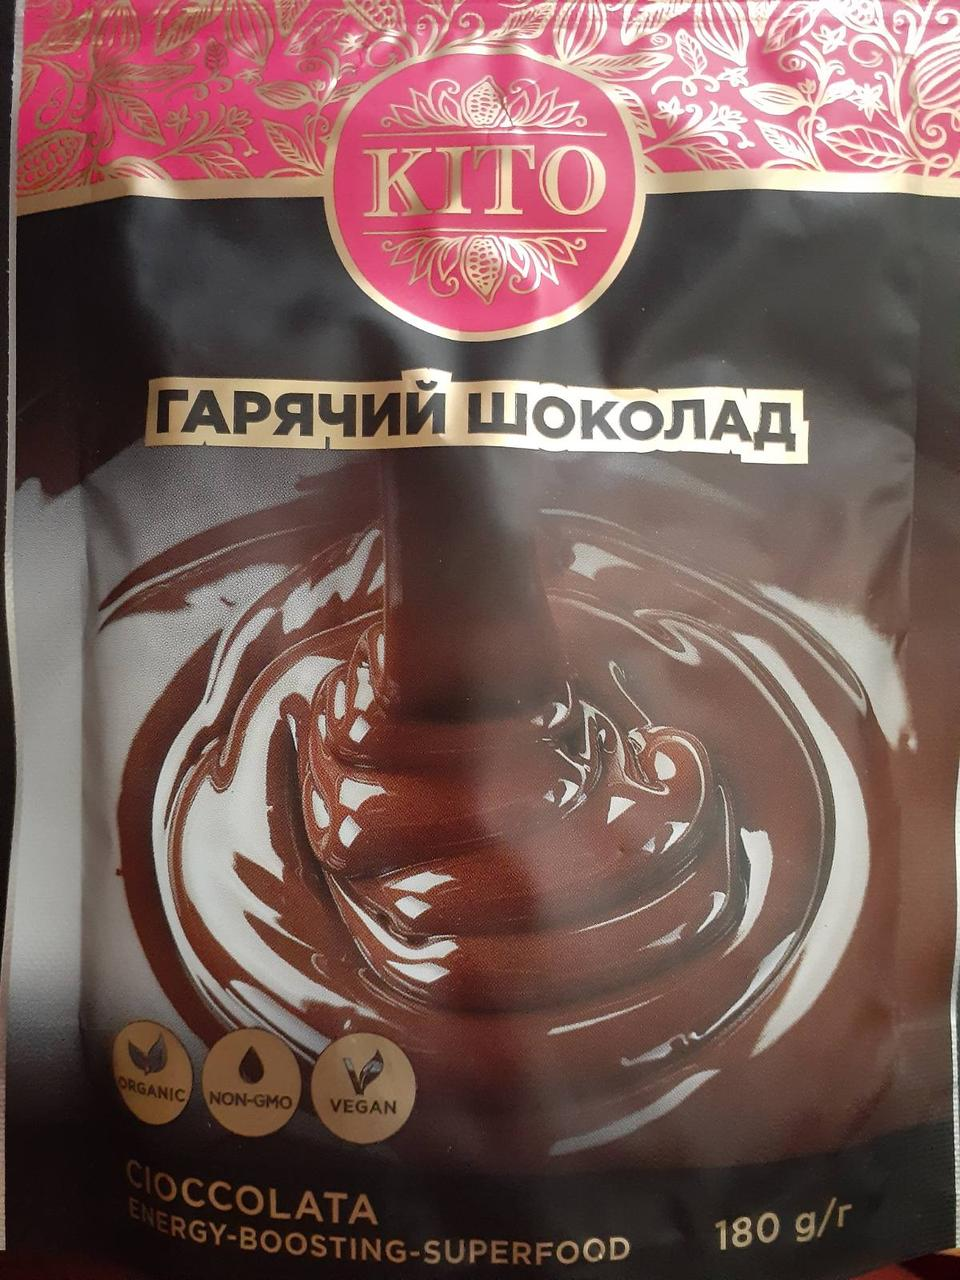 Горячий шоколад TM KITO 180 грамм